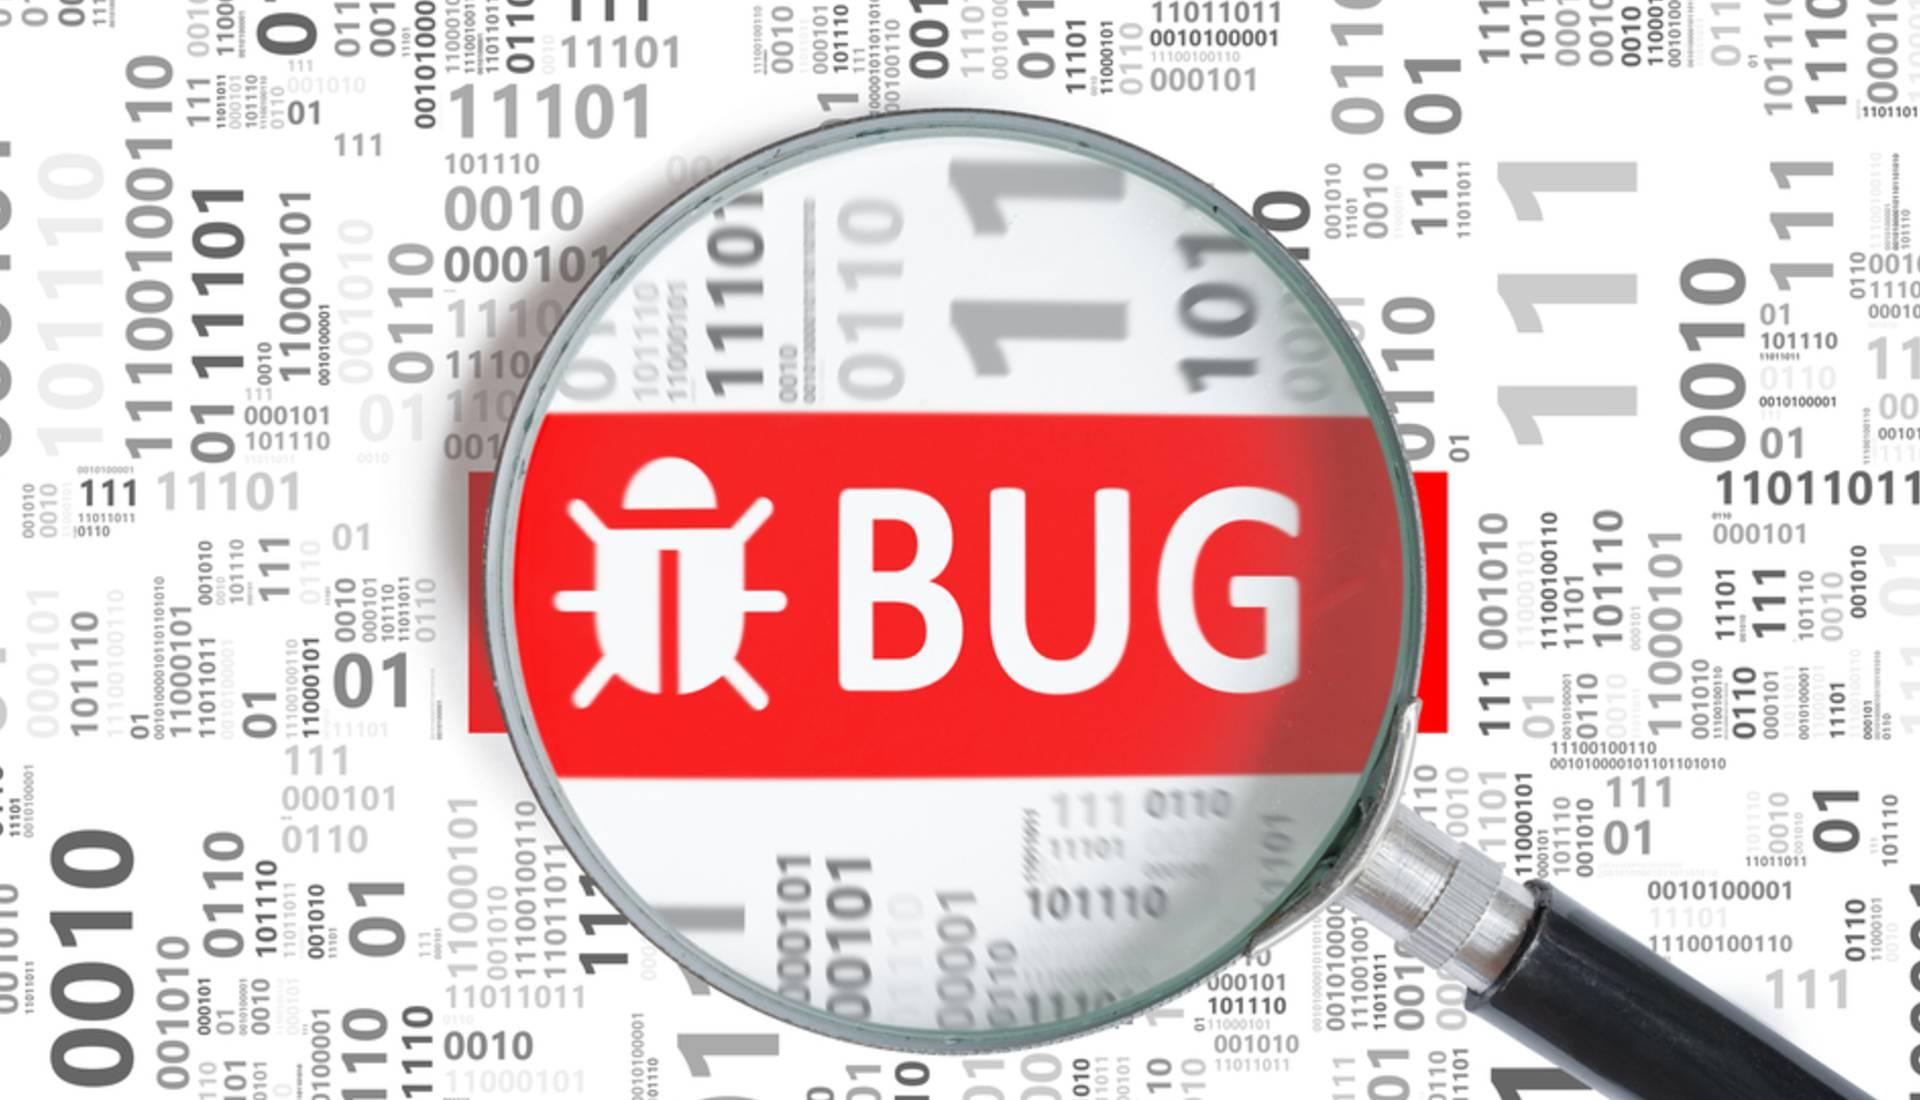 Detección de 'bug' - MTP